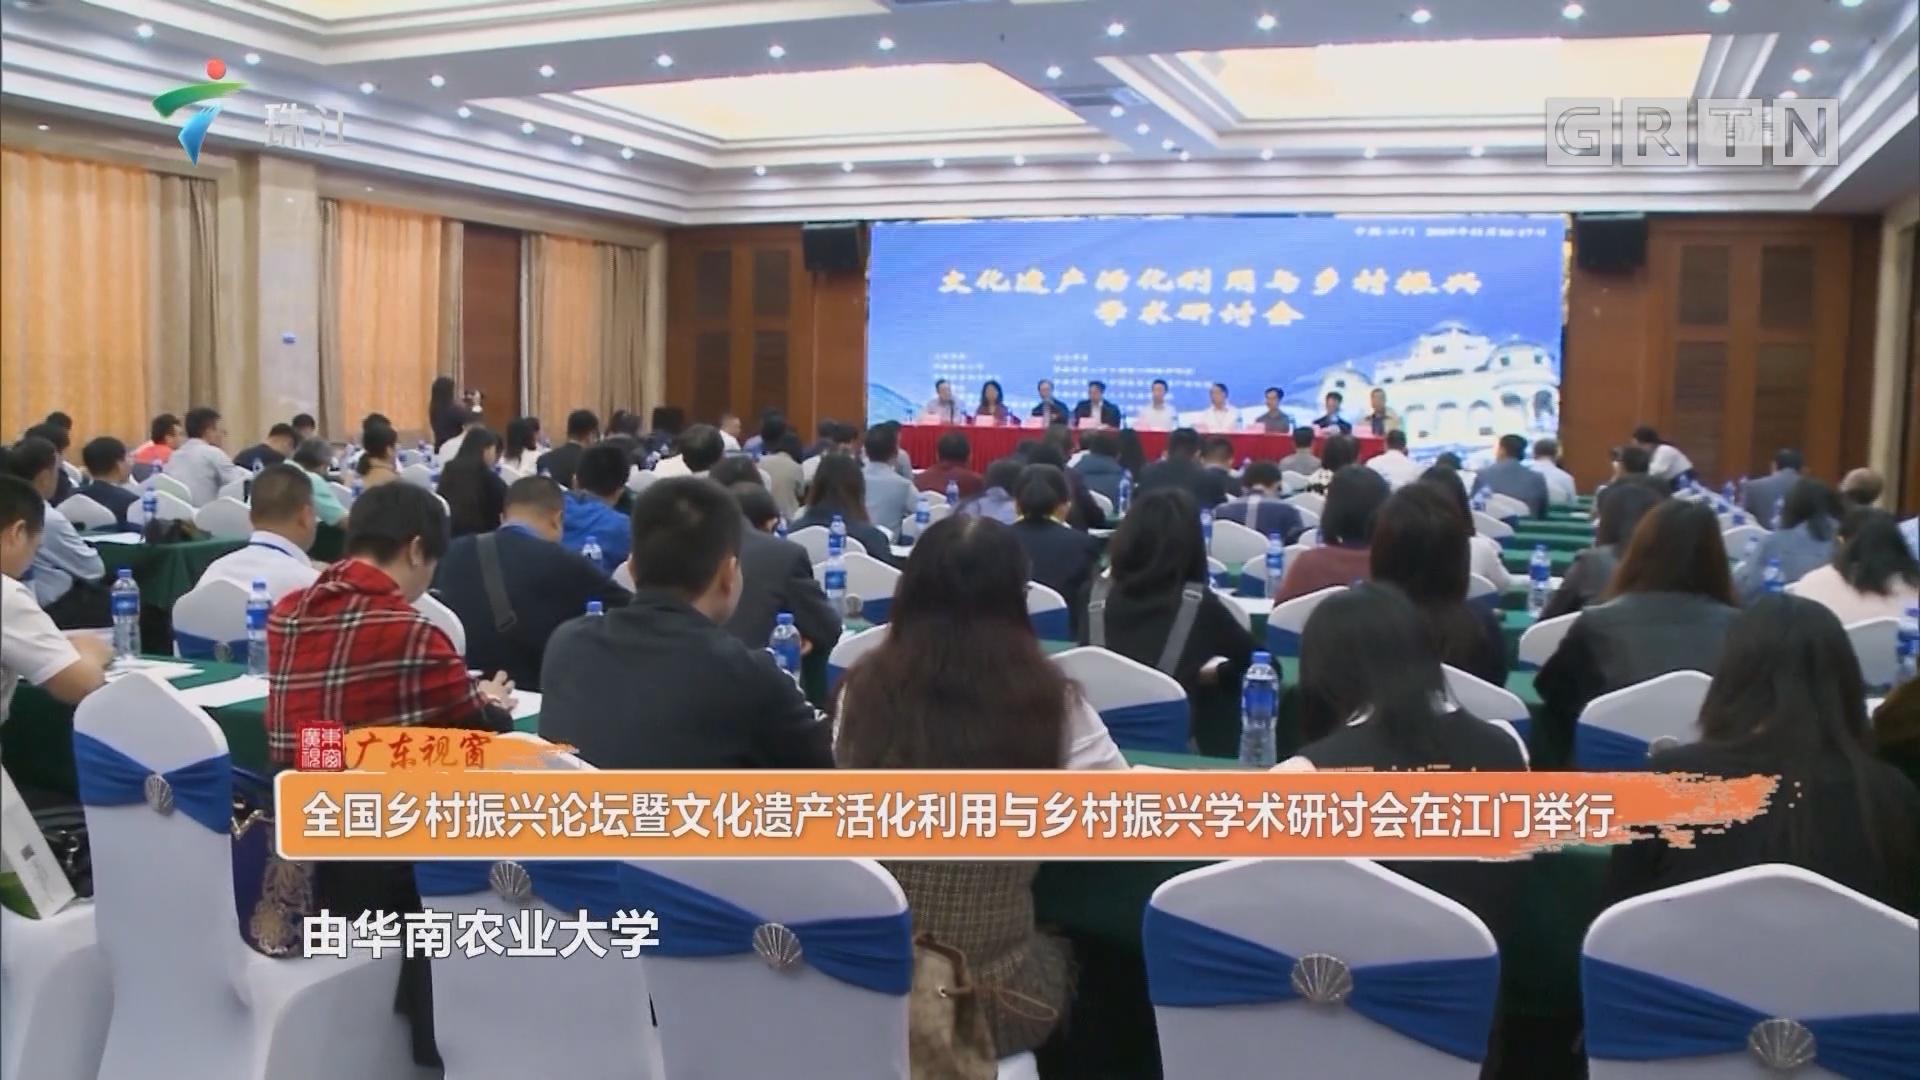 全国乡村振兴论坛暨文化遗产活化利用与乡村振兴学术研讨会在江门举行